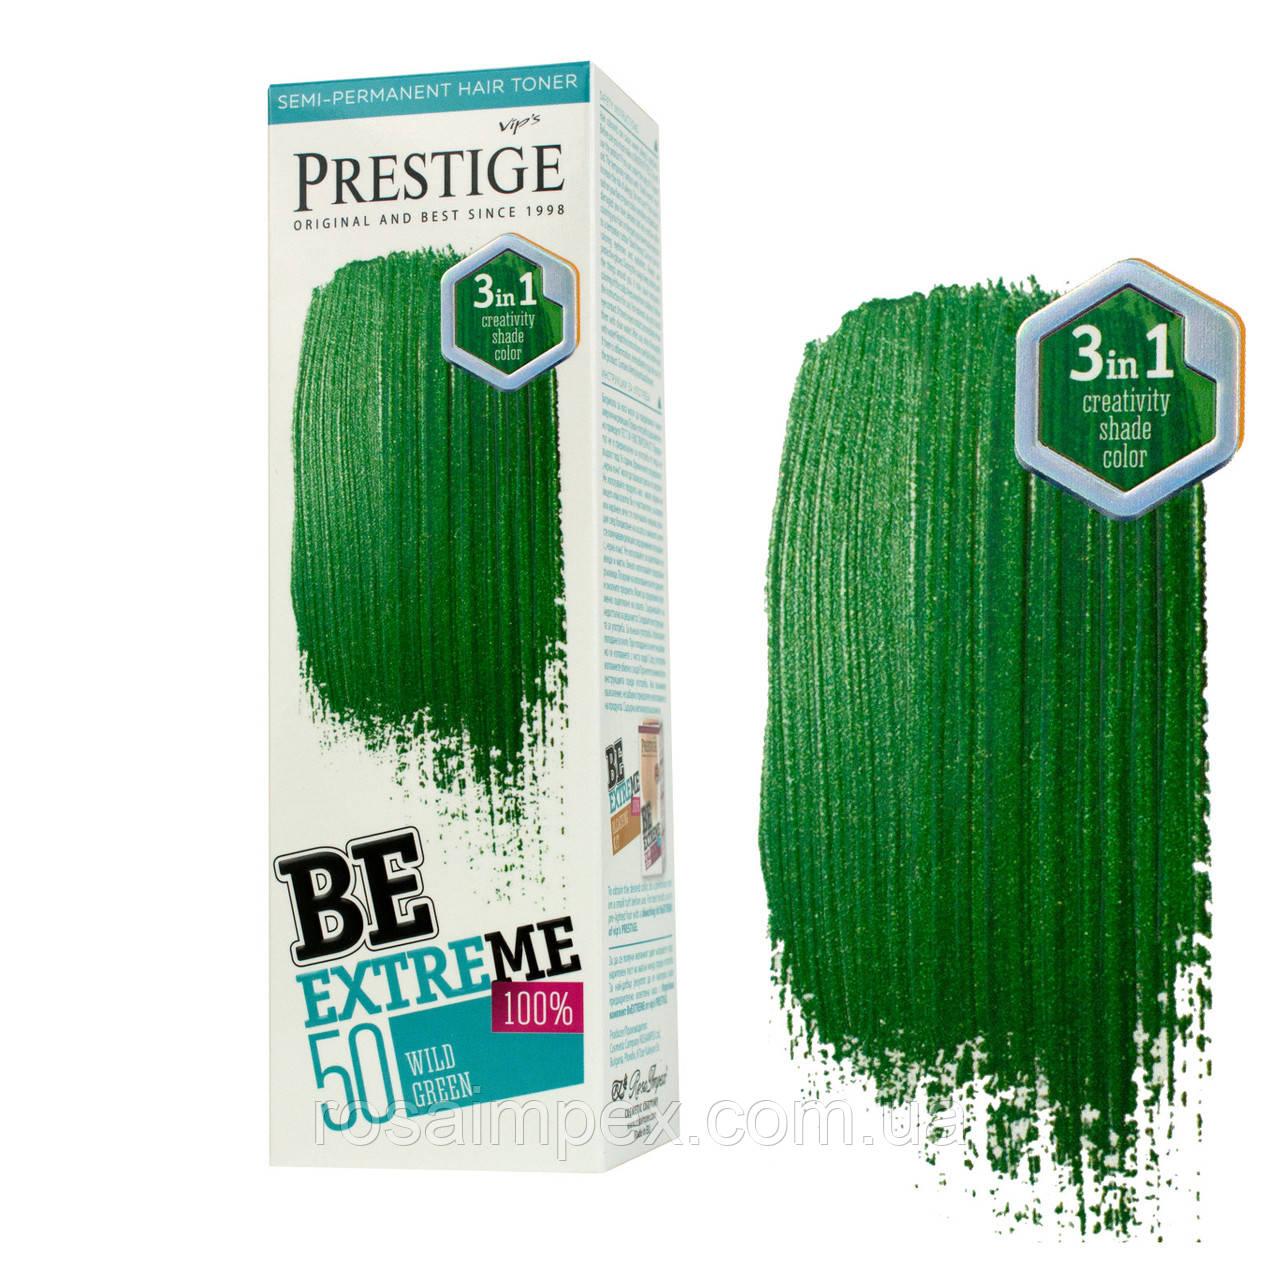 50 Дикий зеленый - Оттеночный бальзам Prestige BeEXTREME